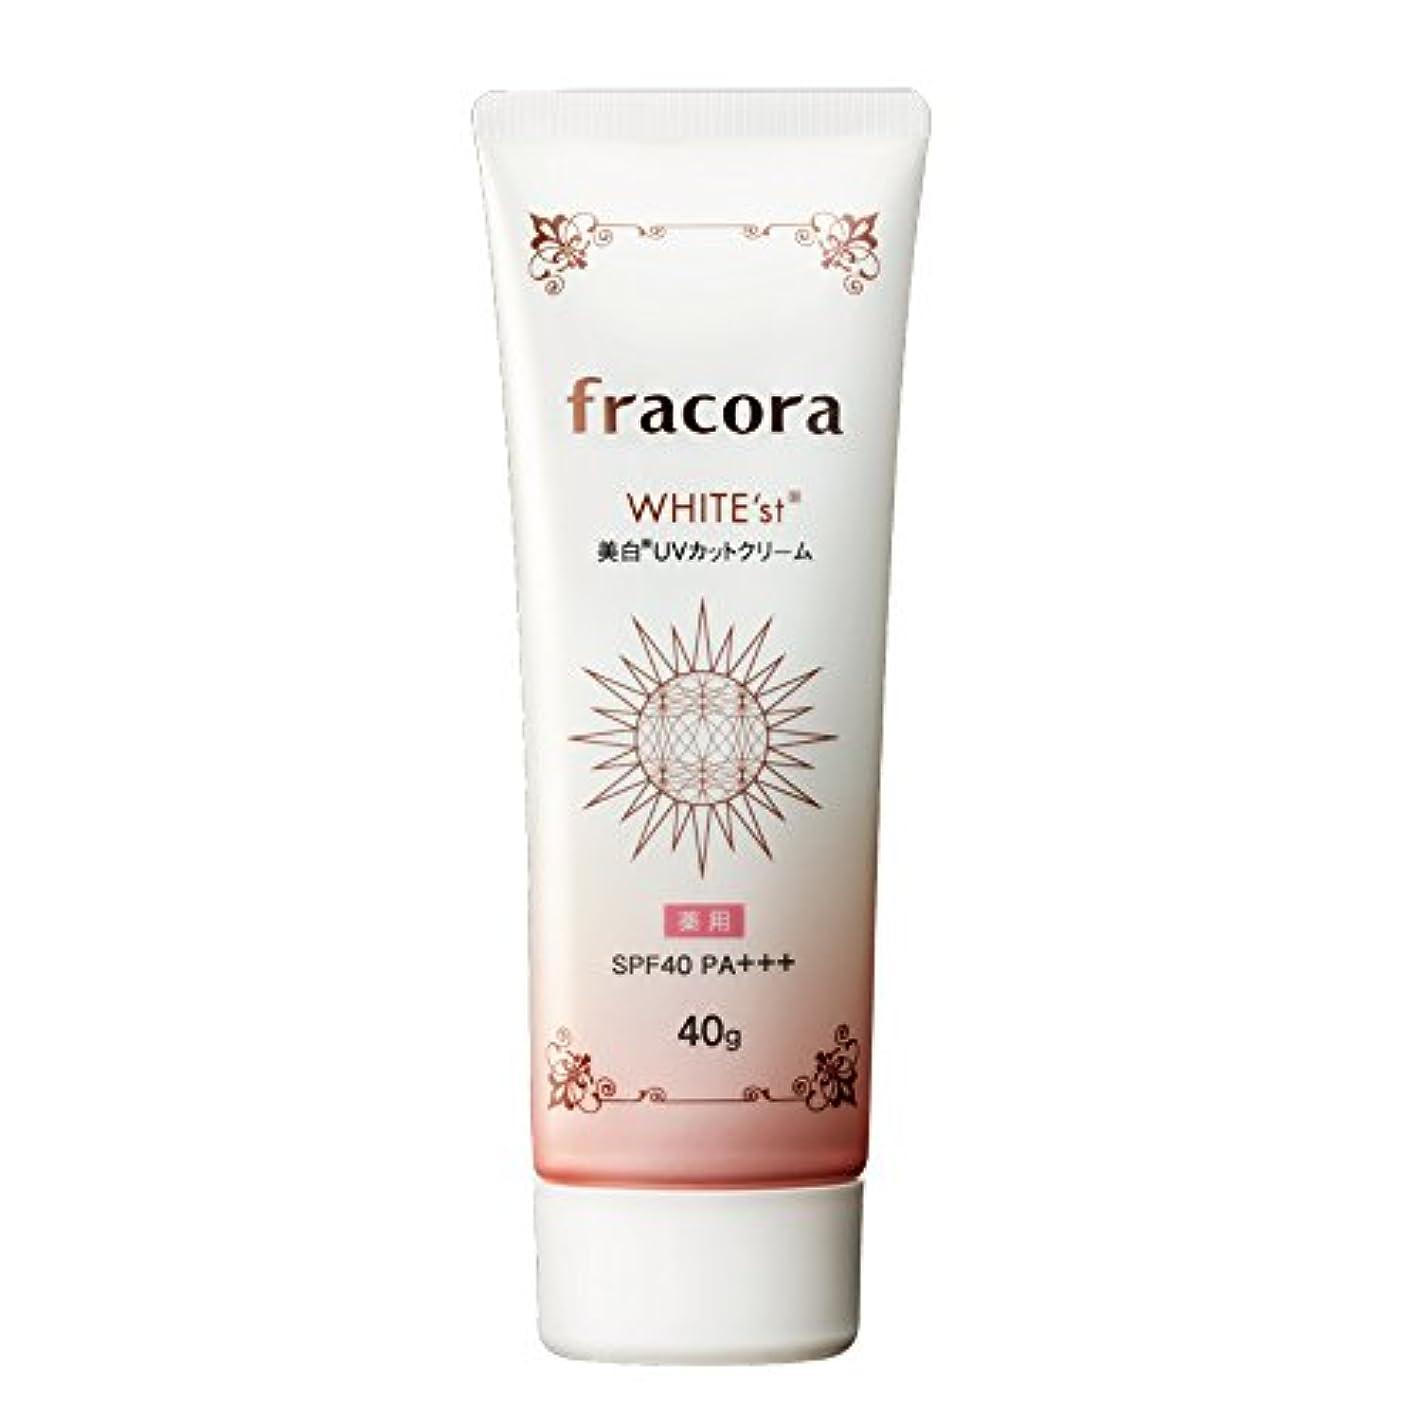 圧倒する会計現像fracora(フラコラ) ホワイテスト 美白UVカットクリーム 40g